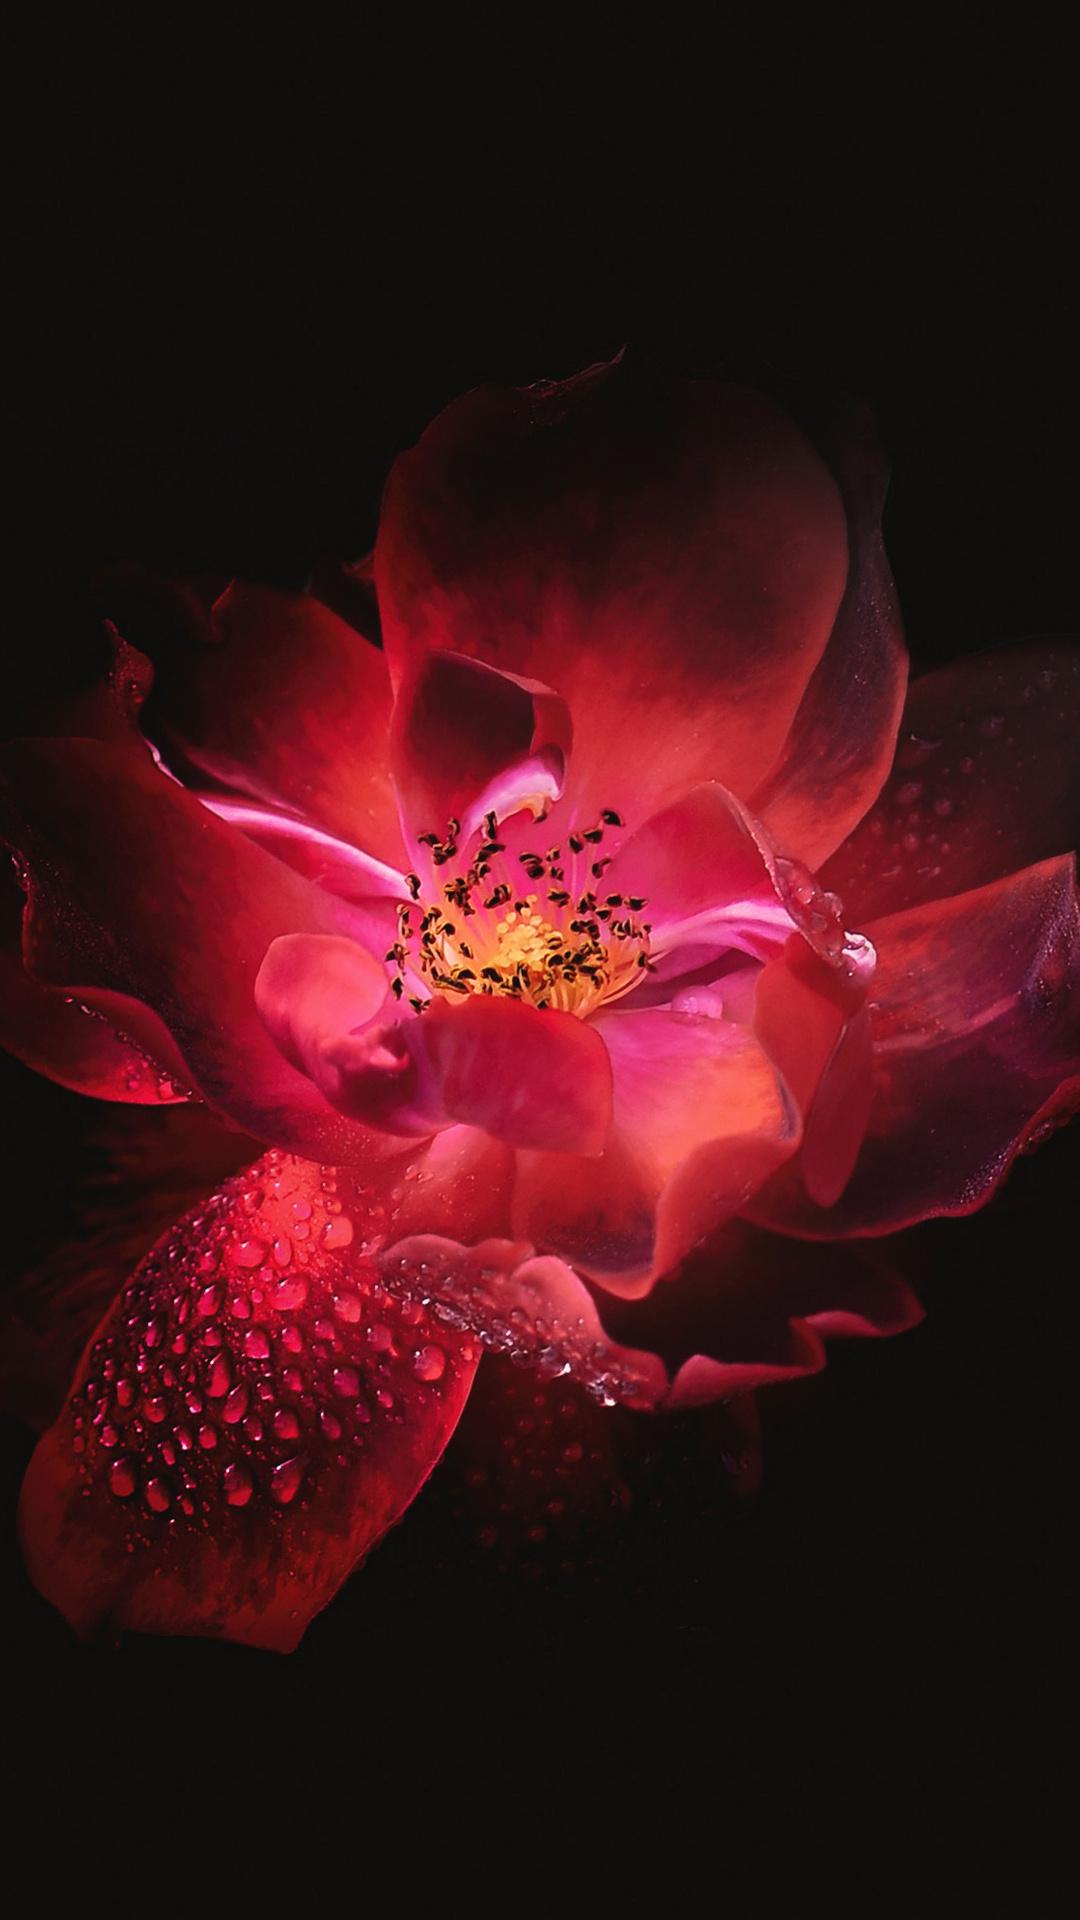 Red Flower Black Background 4k Hj